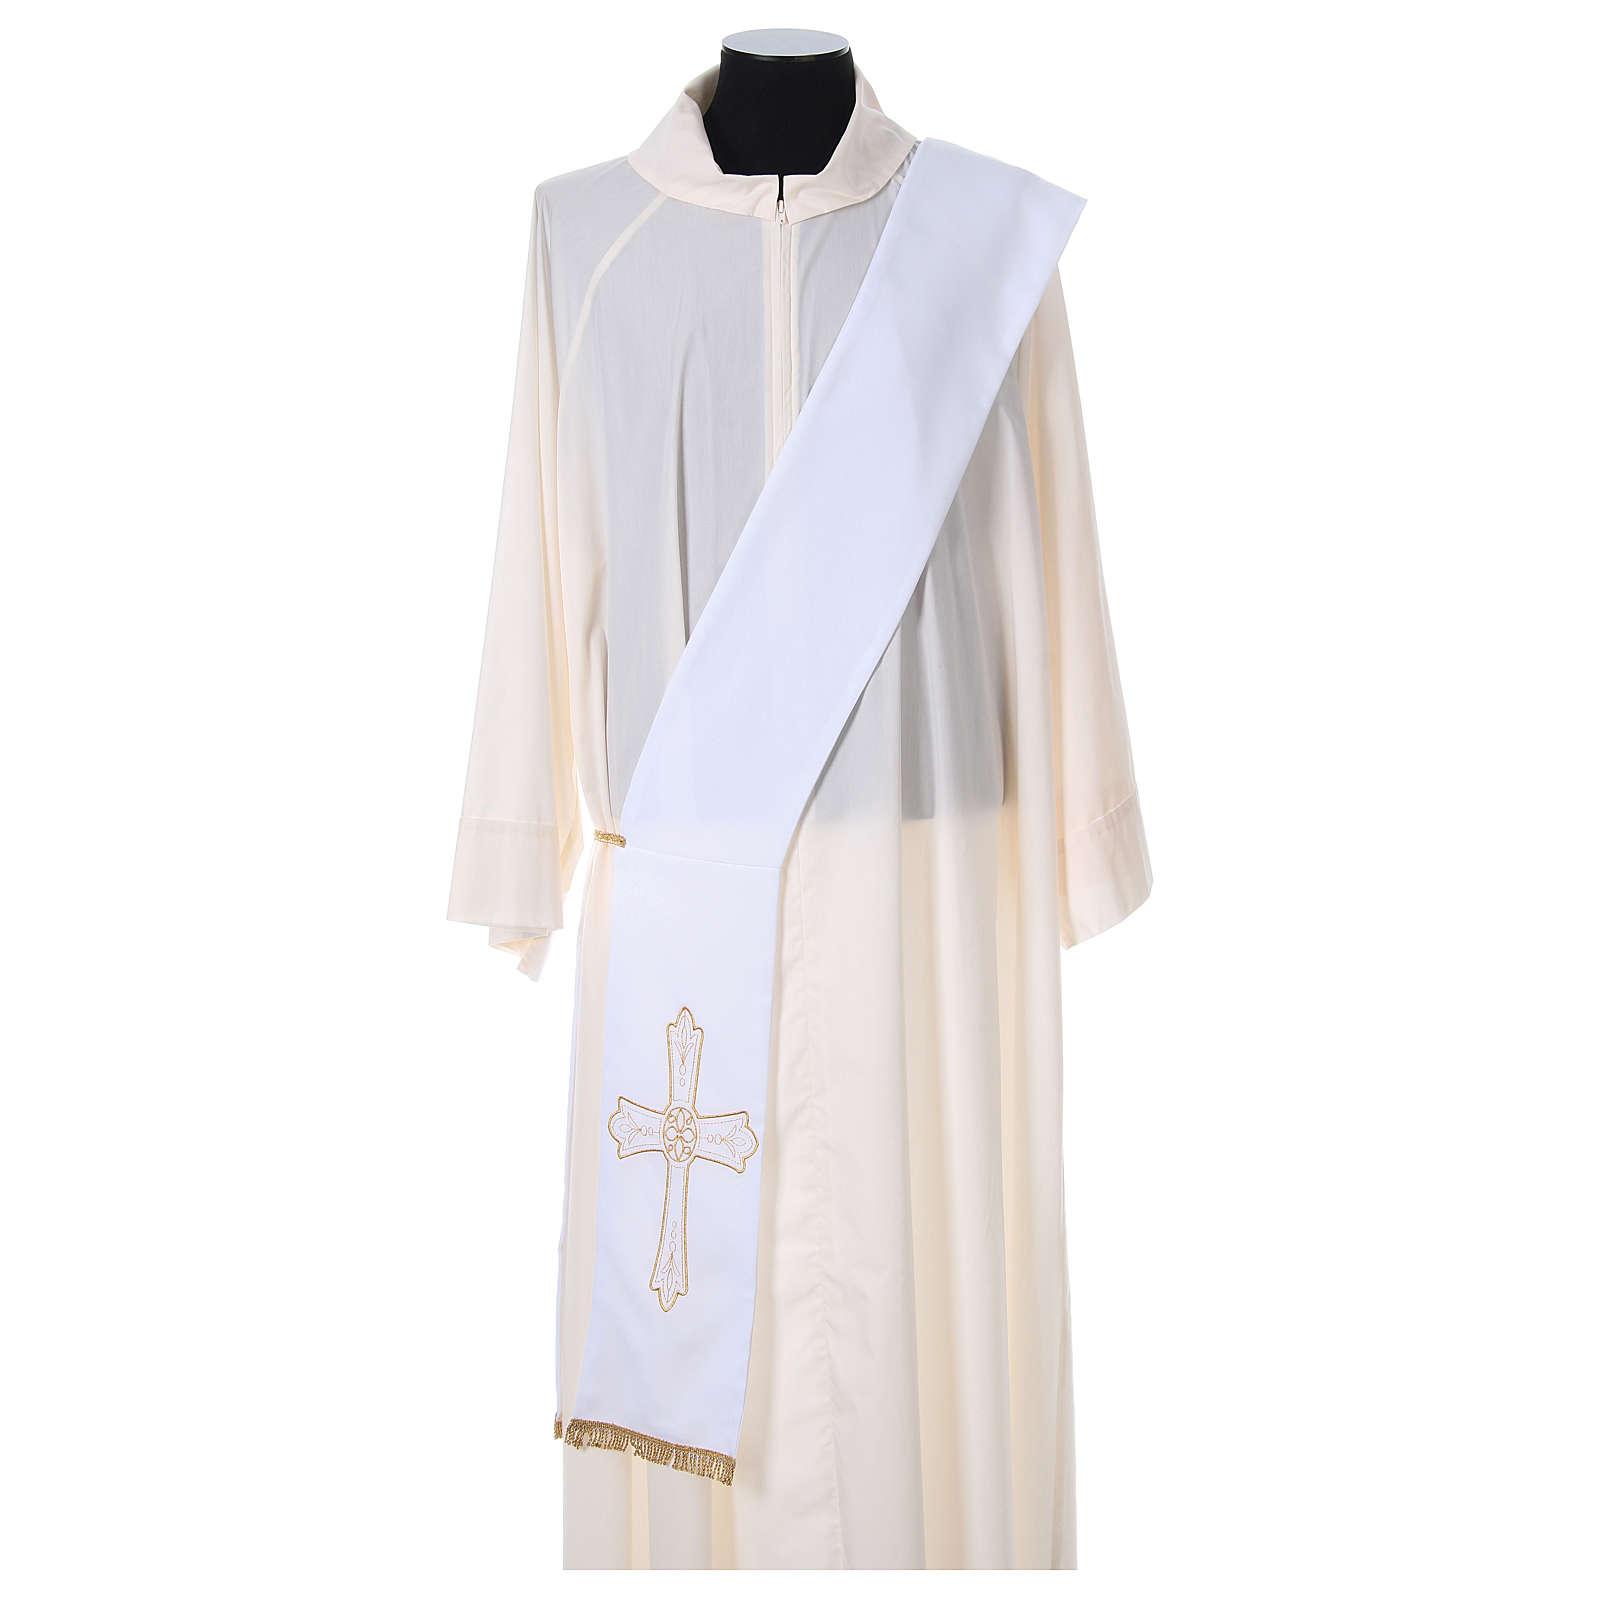 Estola diaconal tejido Vaticano cruz flor doble cara 4